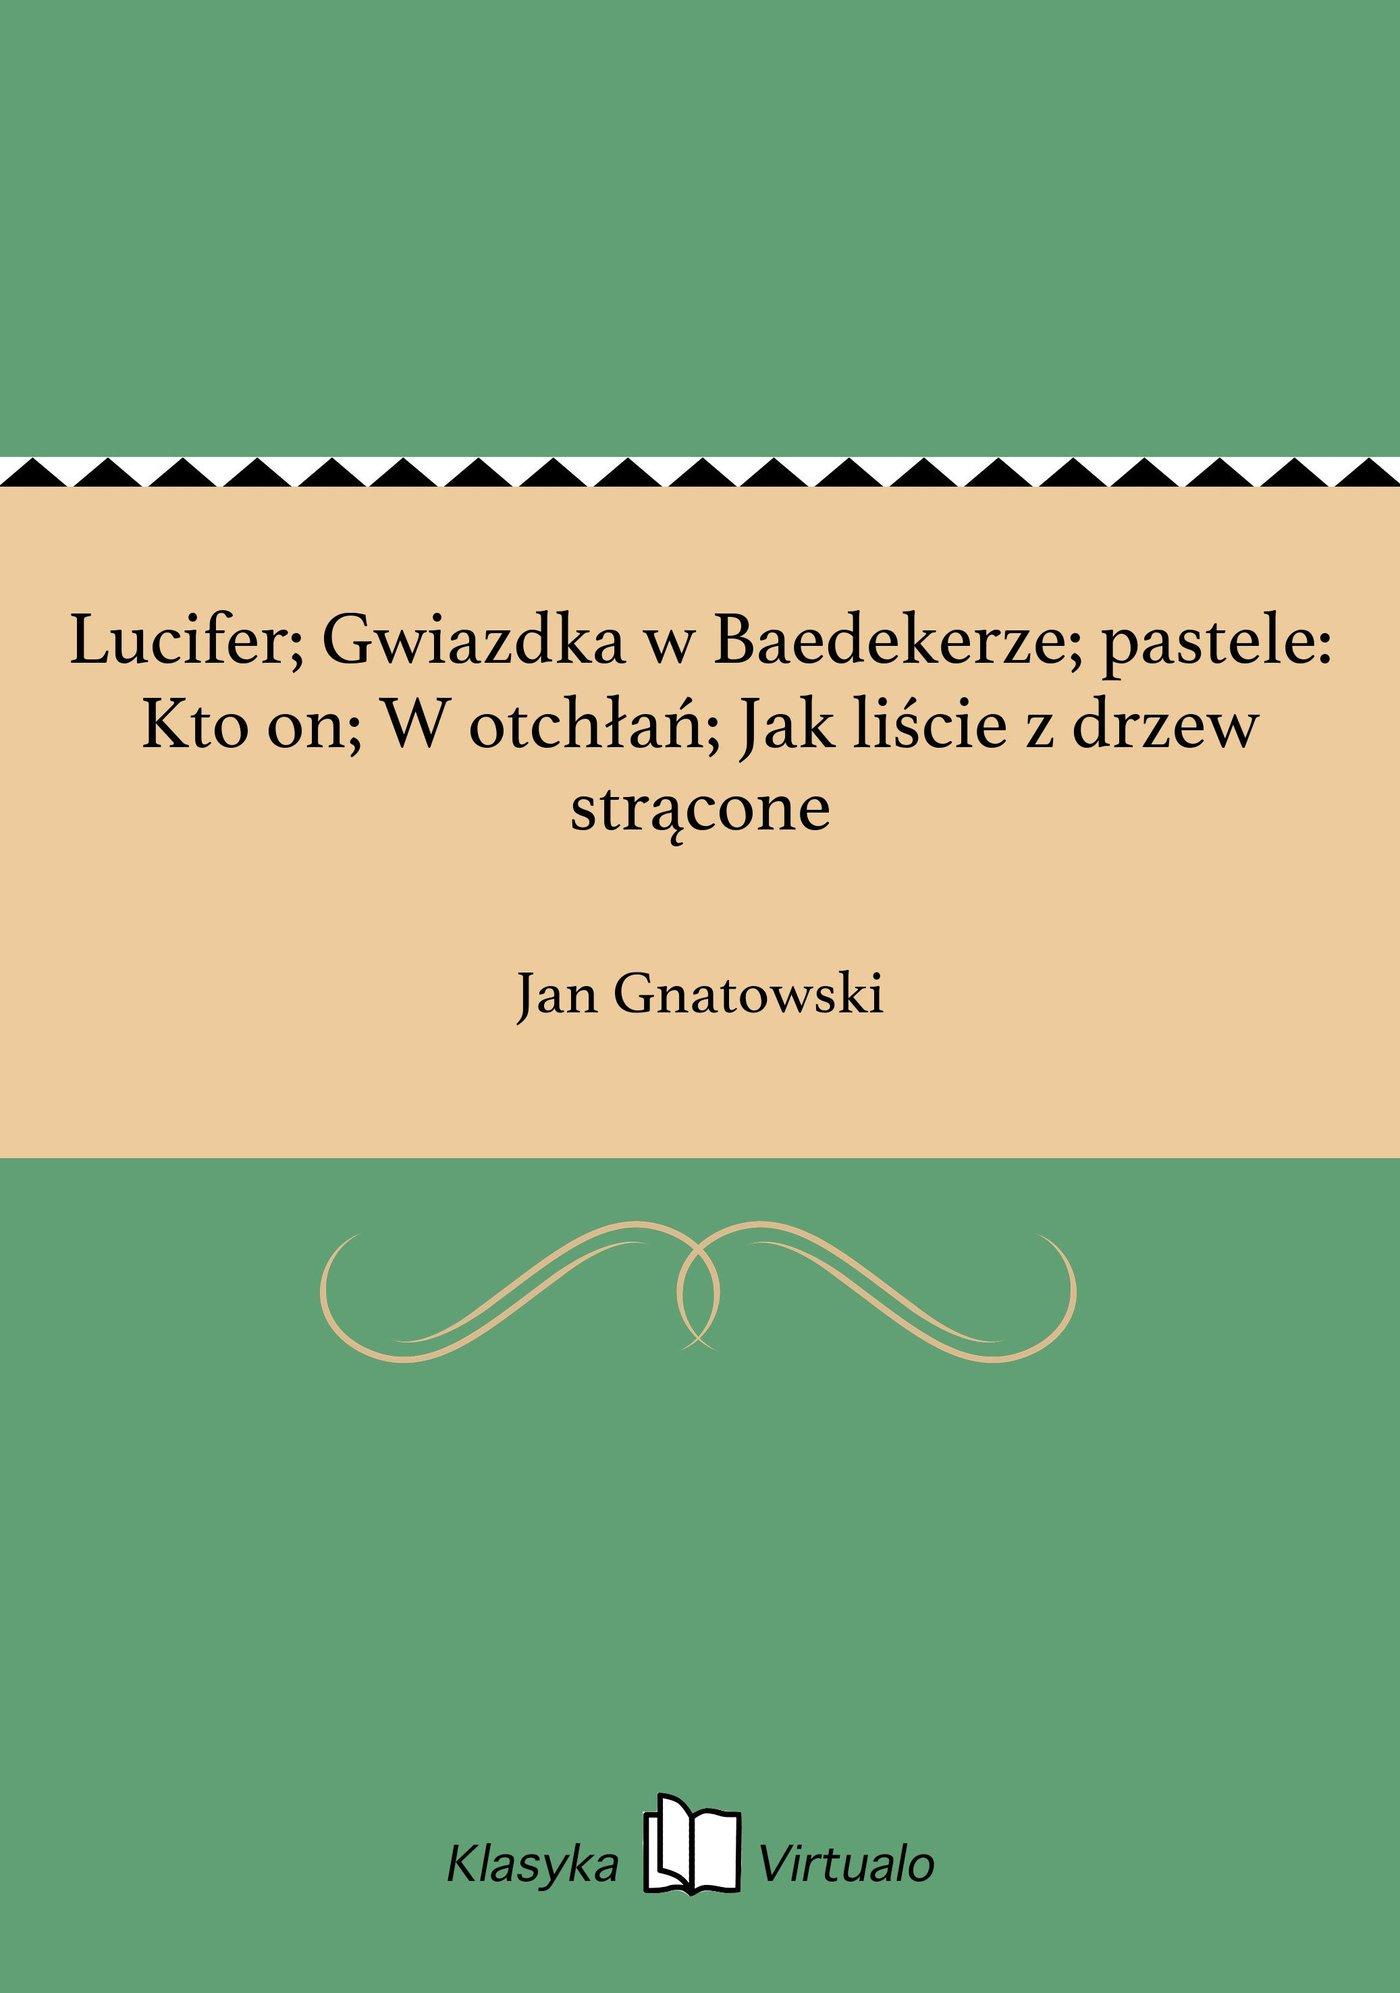 Lucifer; Gwiazdka w Baedekerze; pastele: Kto on; W otchłań; Jak liście z drzew strącone - Ebook (Książka EPUB) do pobrania w formacie EPUB